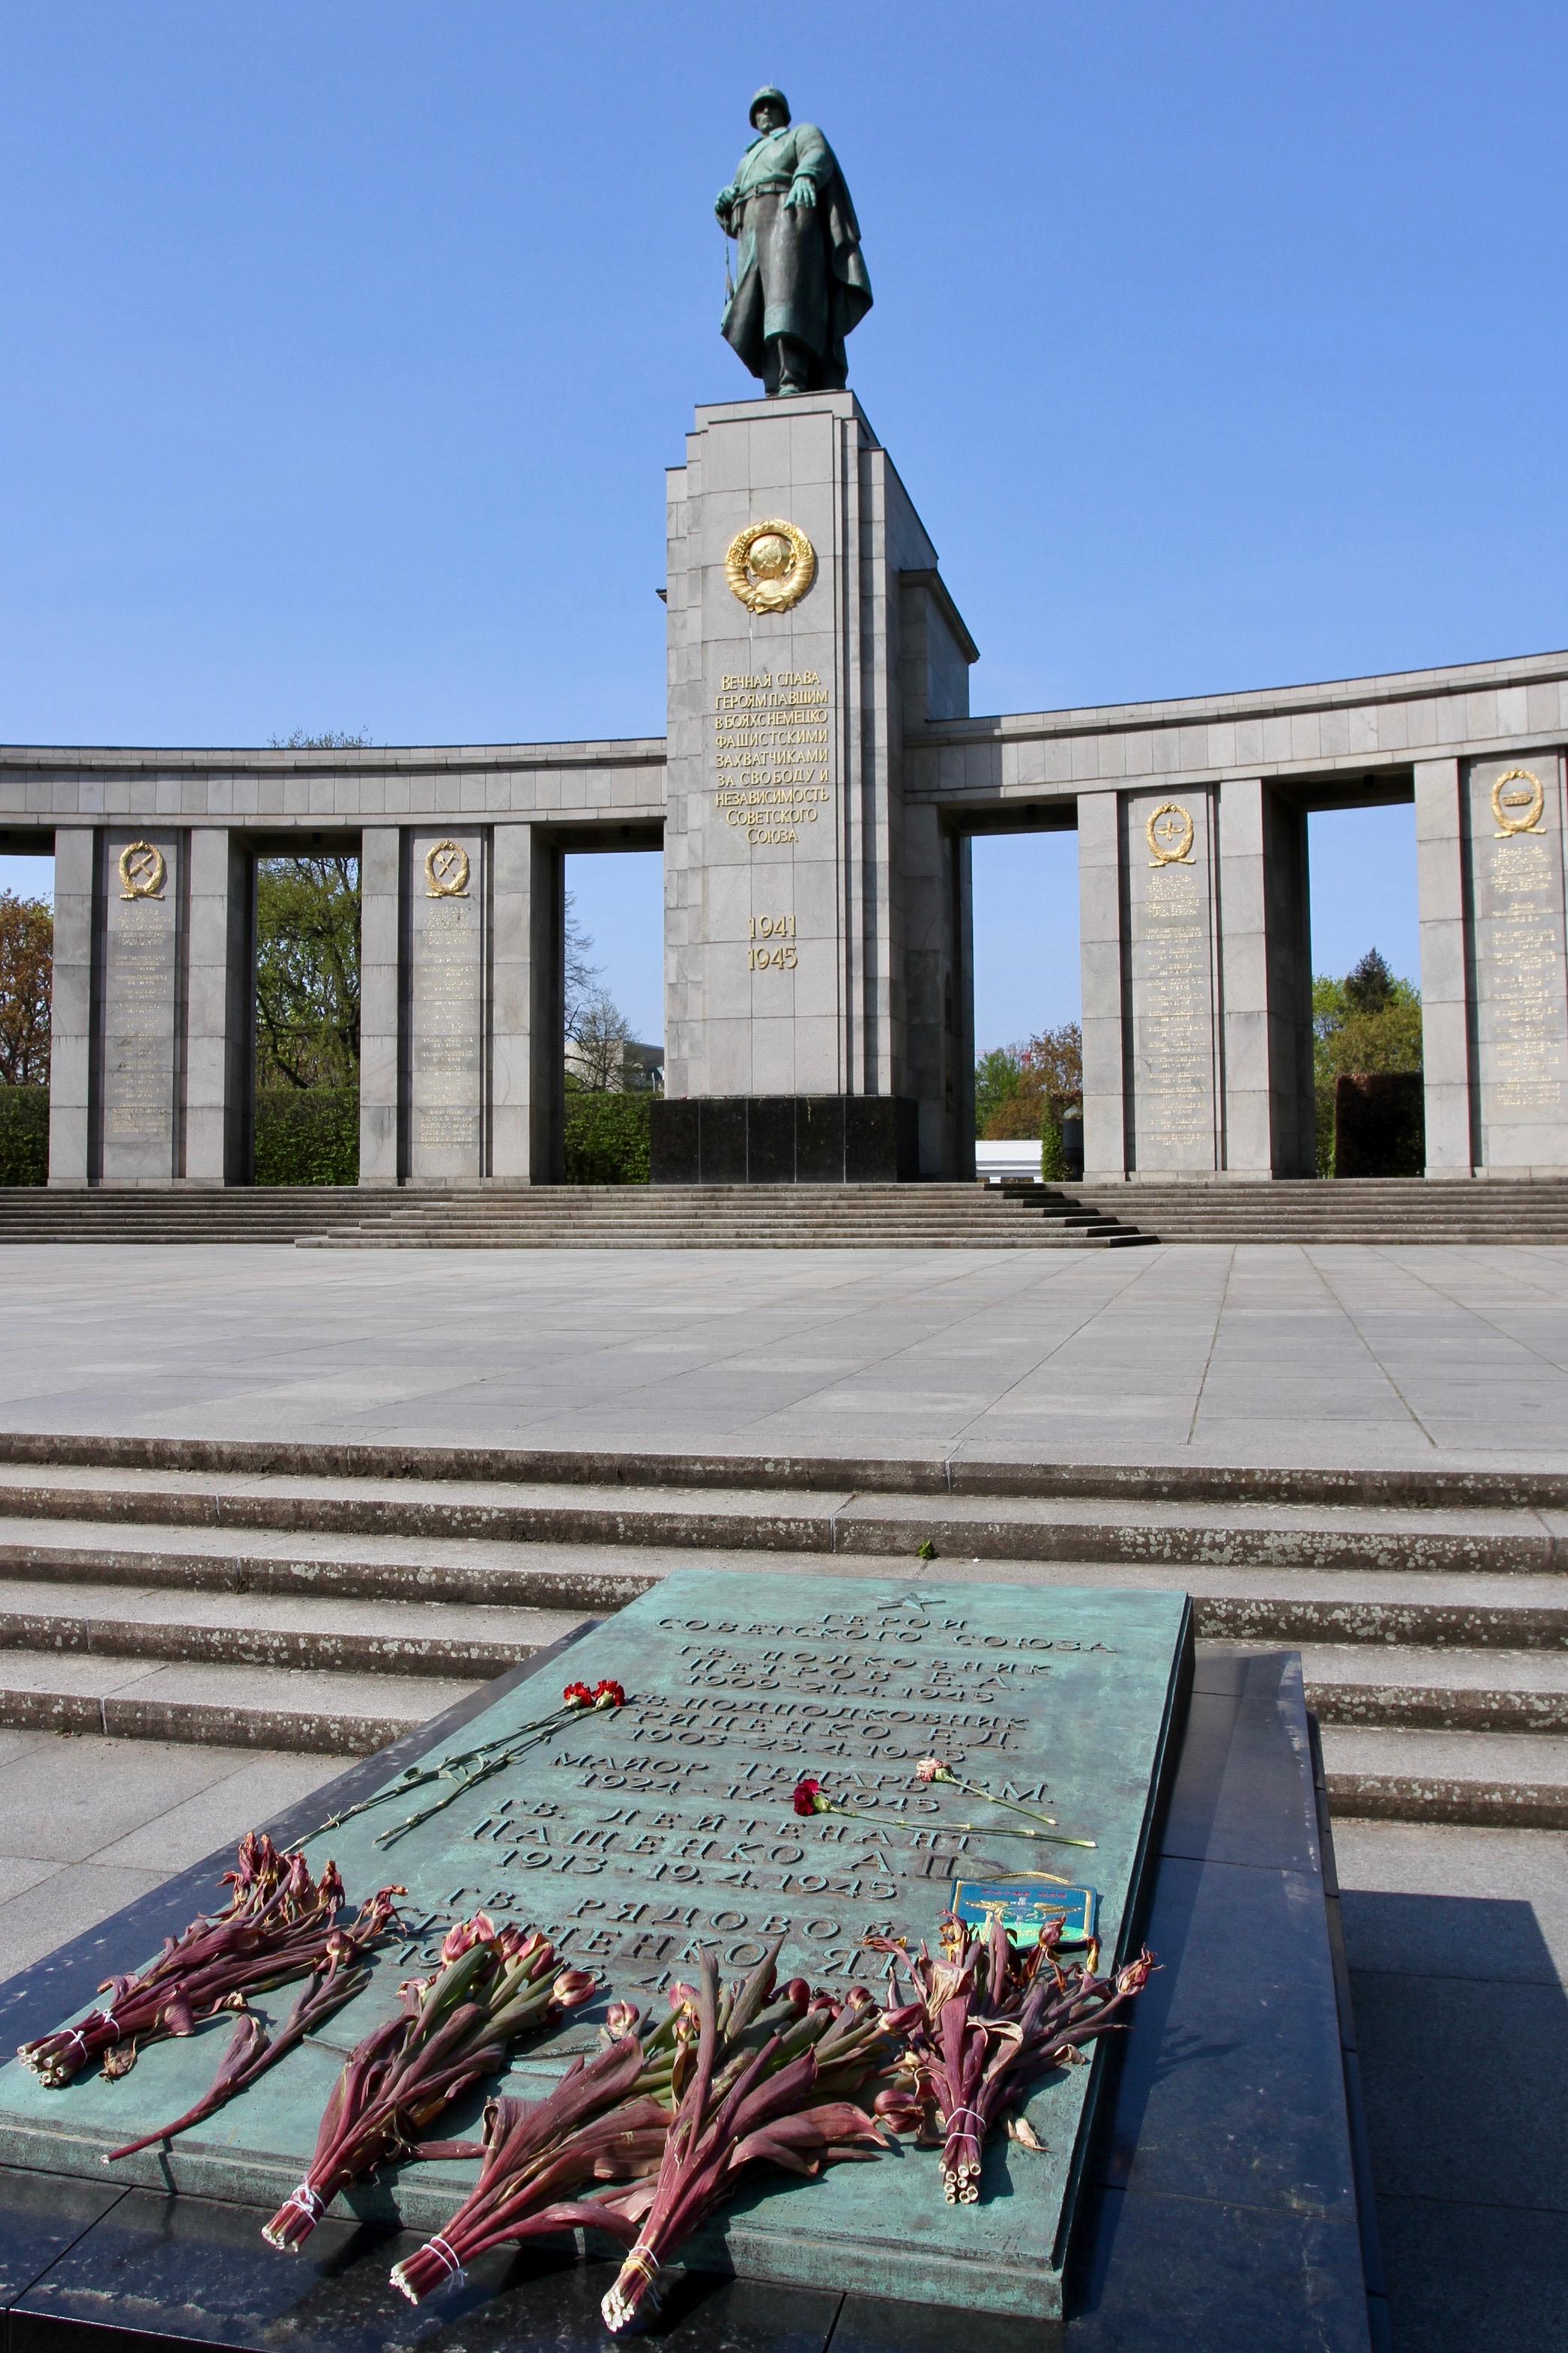 Russian memorial, Tiergarten, Berlin, Germany